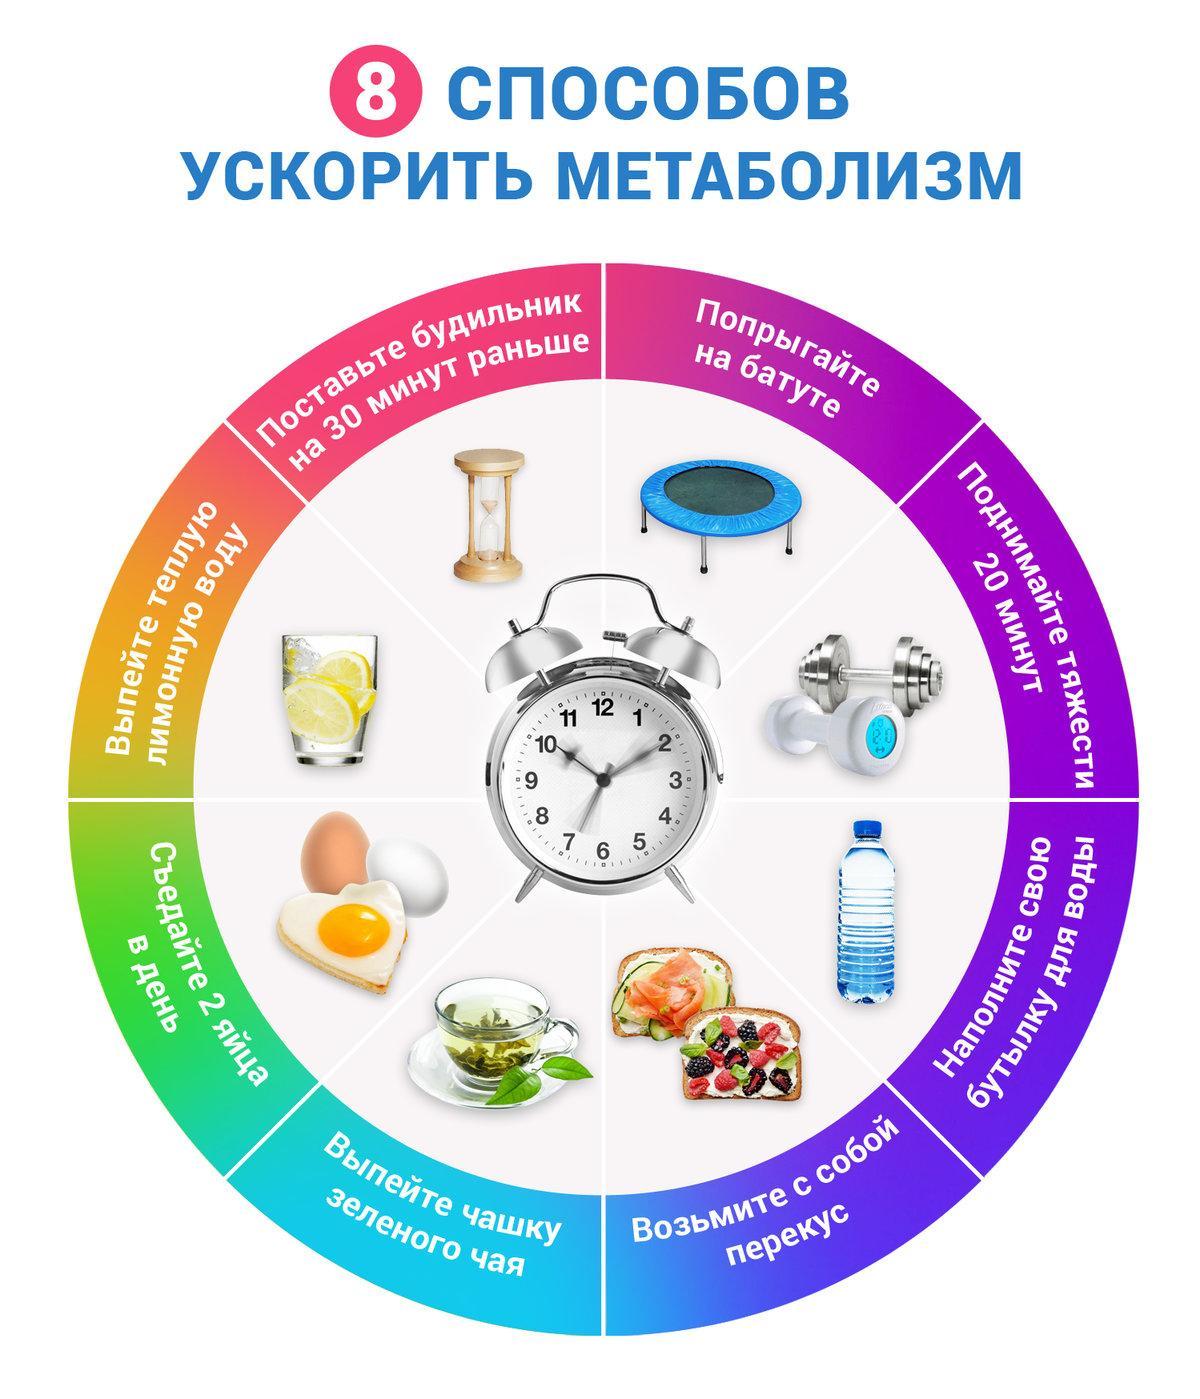 Как разогнать метаболизм для похудения Список продуктов, ускоряющих обмен веществ Простые советы ускорения метаболизма